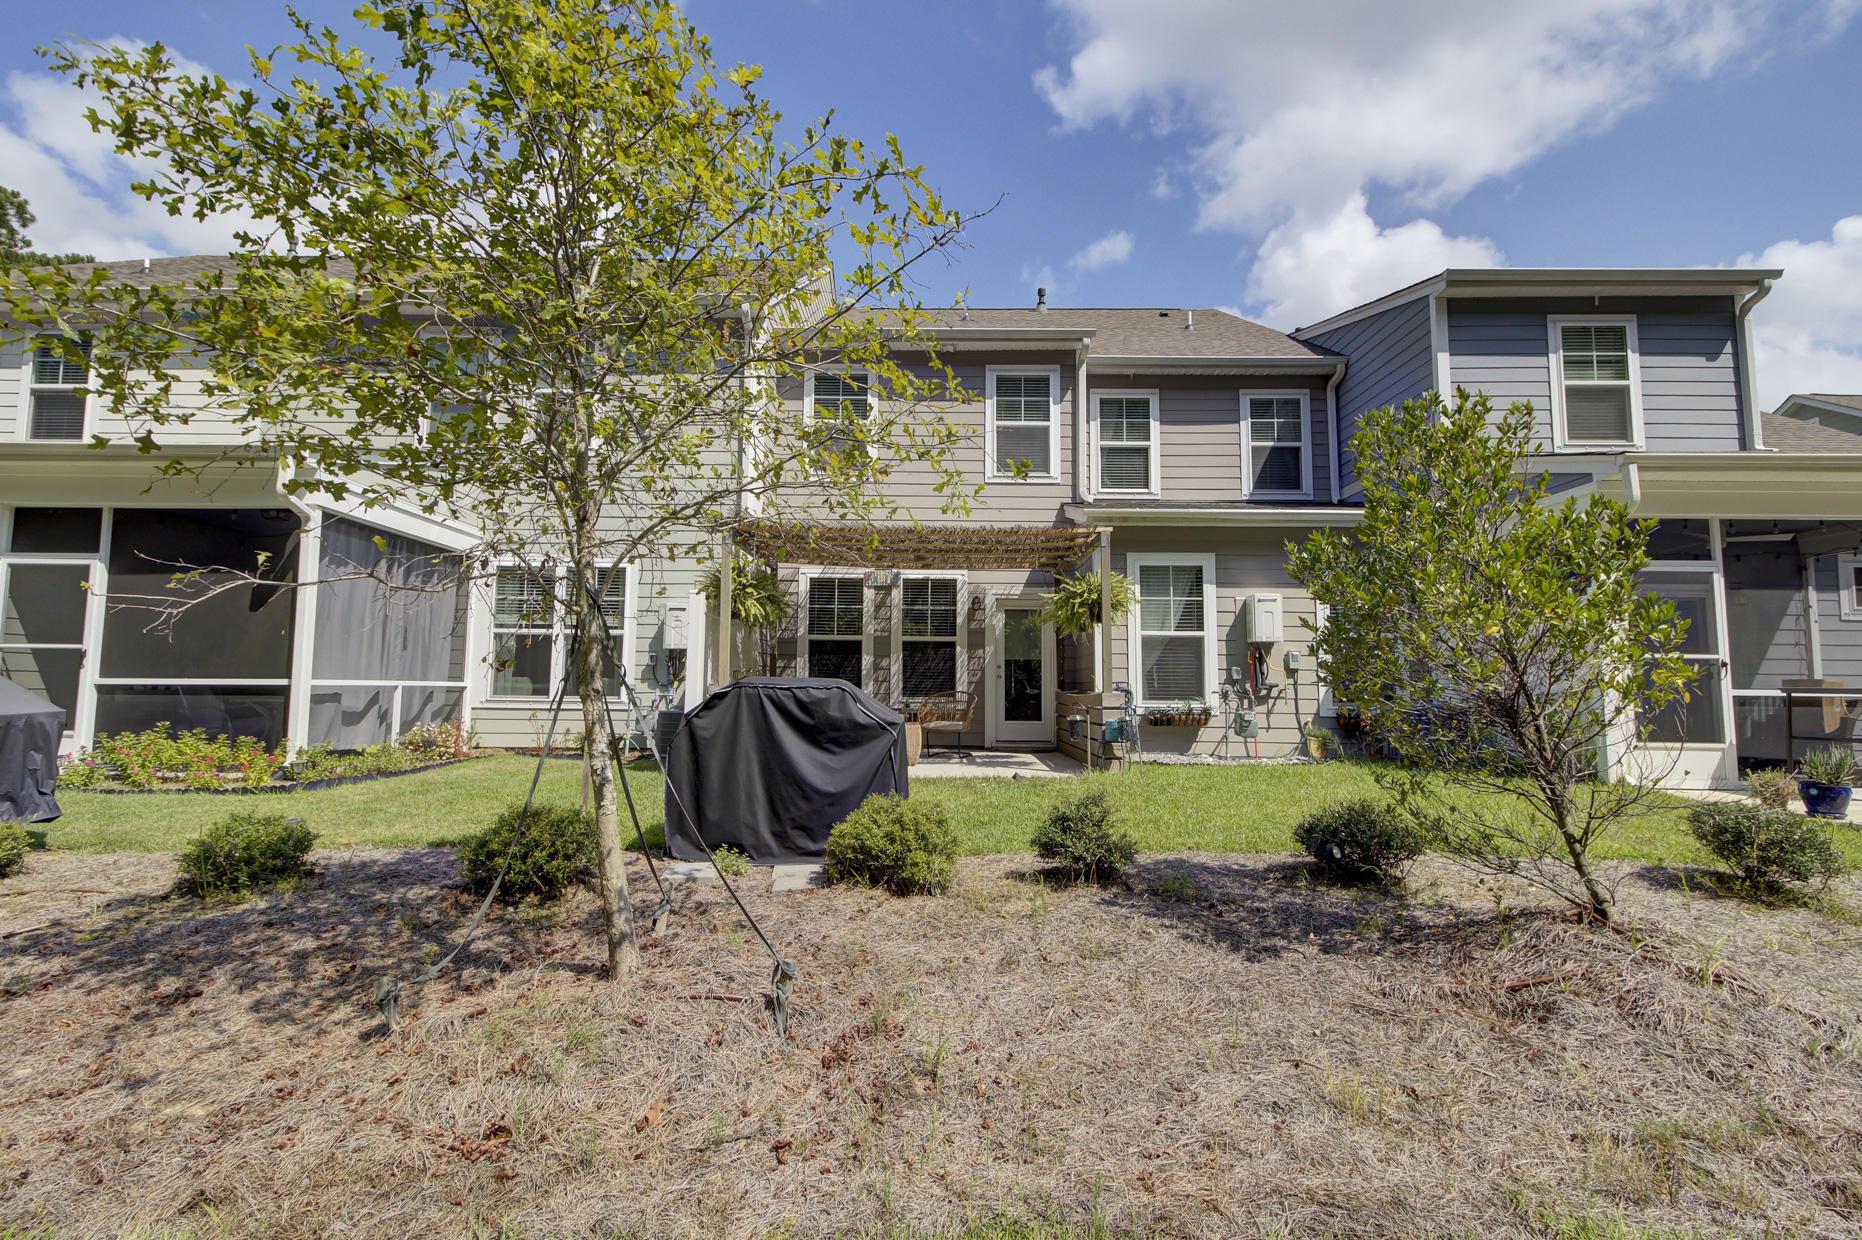 Park West Homes For Sale - 2566 Kingsfield, Mount Pleasant, SC - 0